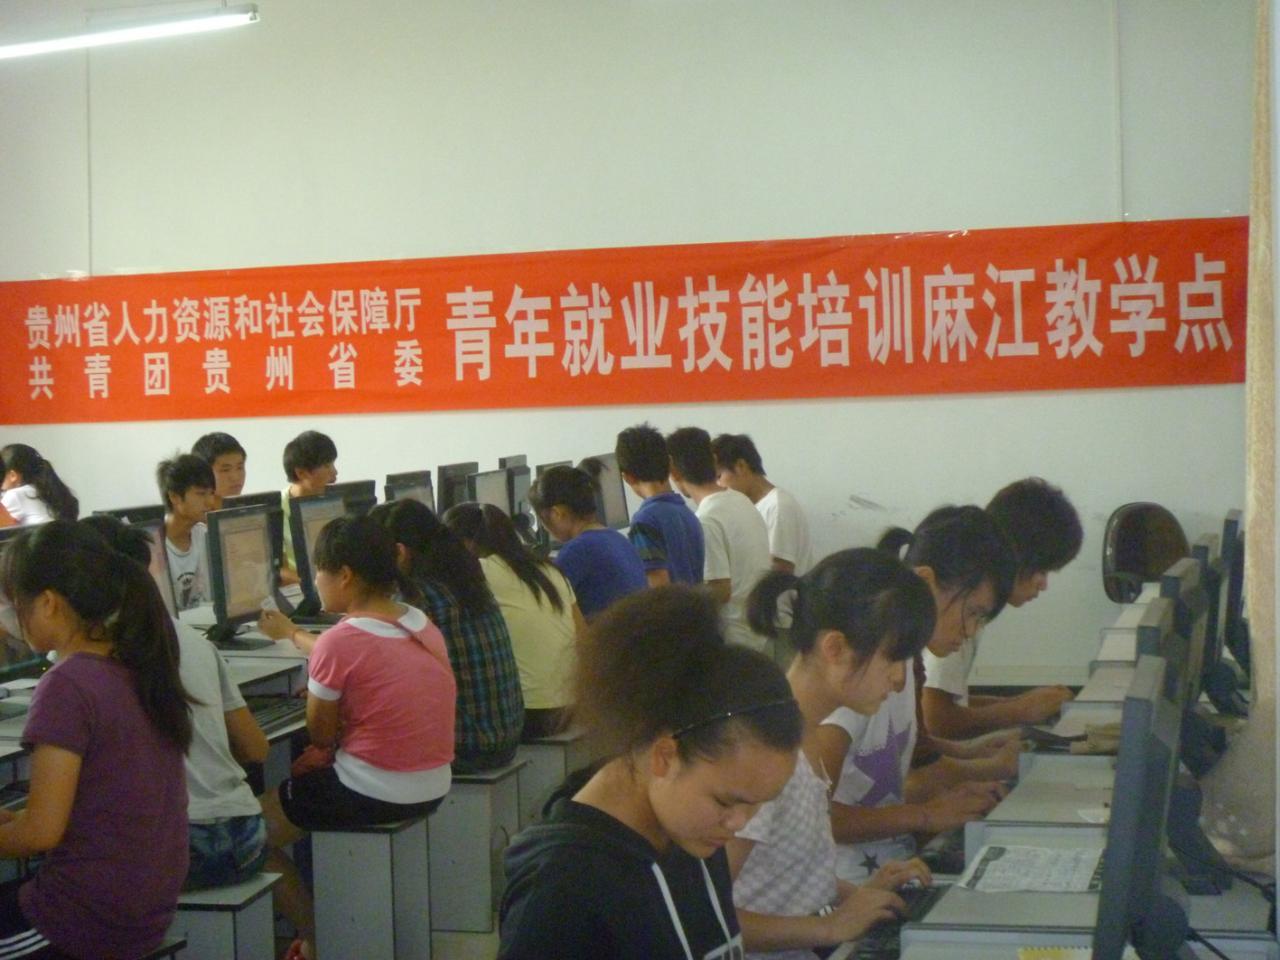 貴州省農民工免費技能培訓